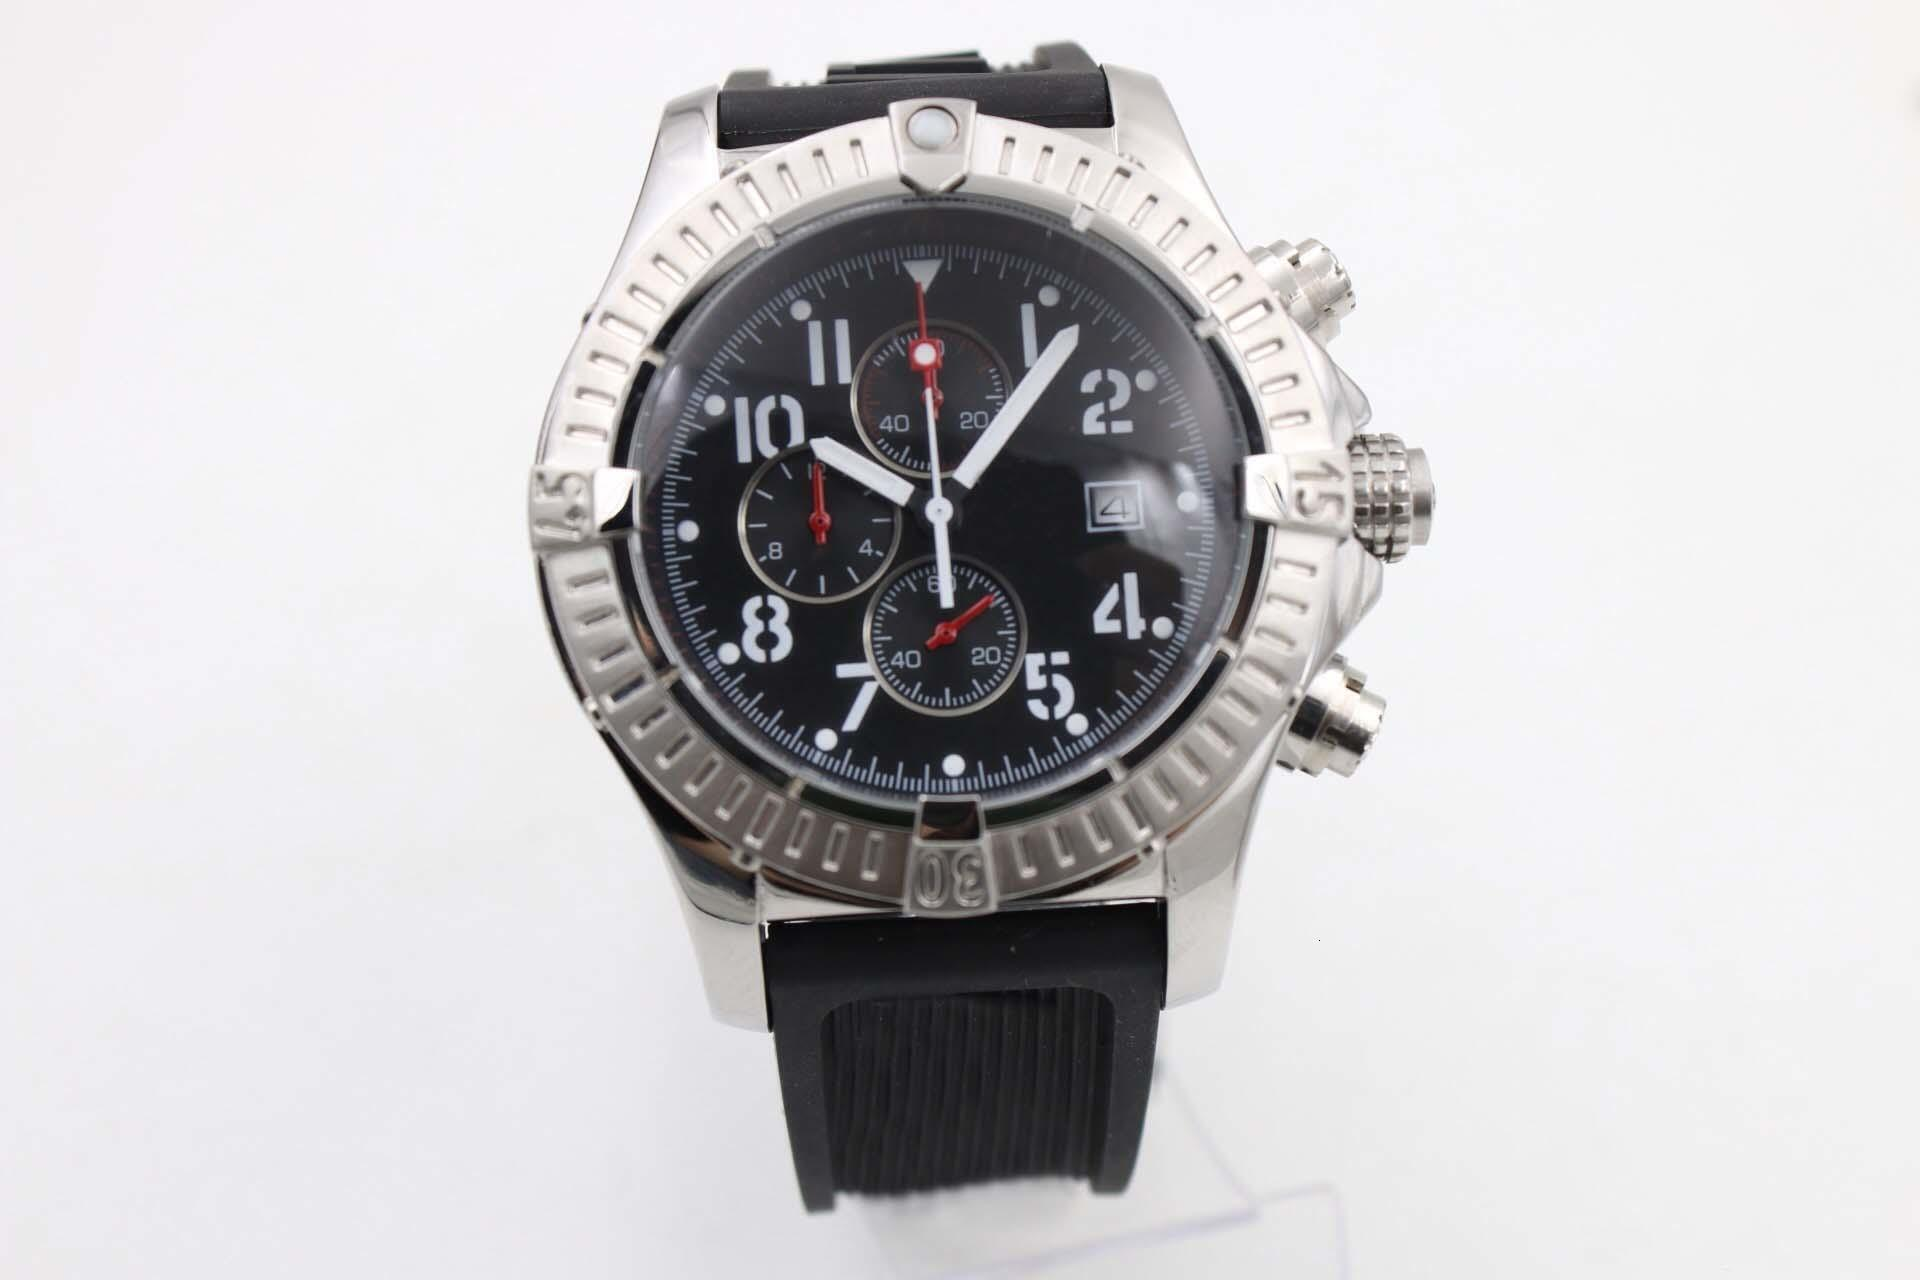 2020 고품질 오래된 브랜드 남성 시계 미군 시리즈 A1338012 / F548 (다이버 프로 깊은 잠재 고무 스트랩) 석영 크로노 그래프 시계 다이빙 워싱턴